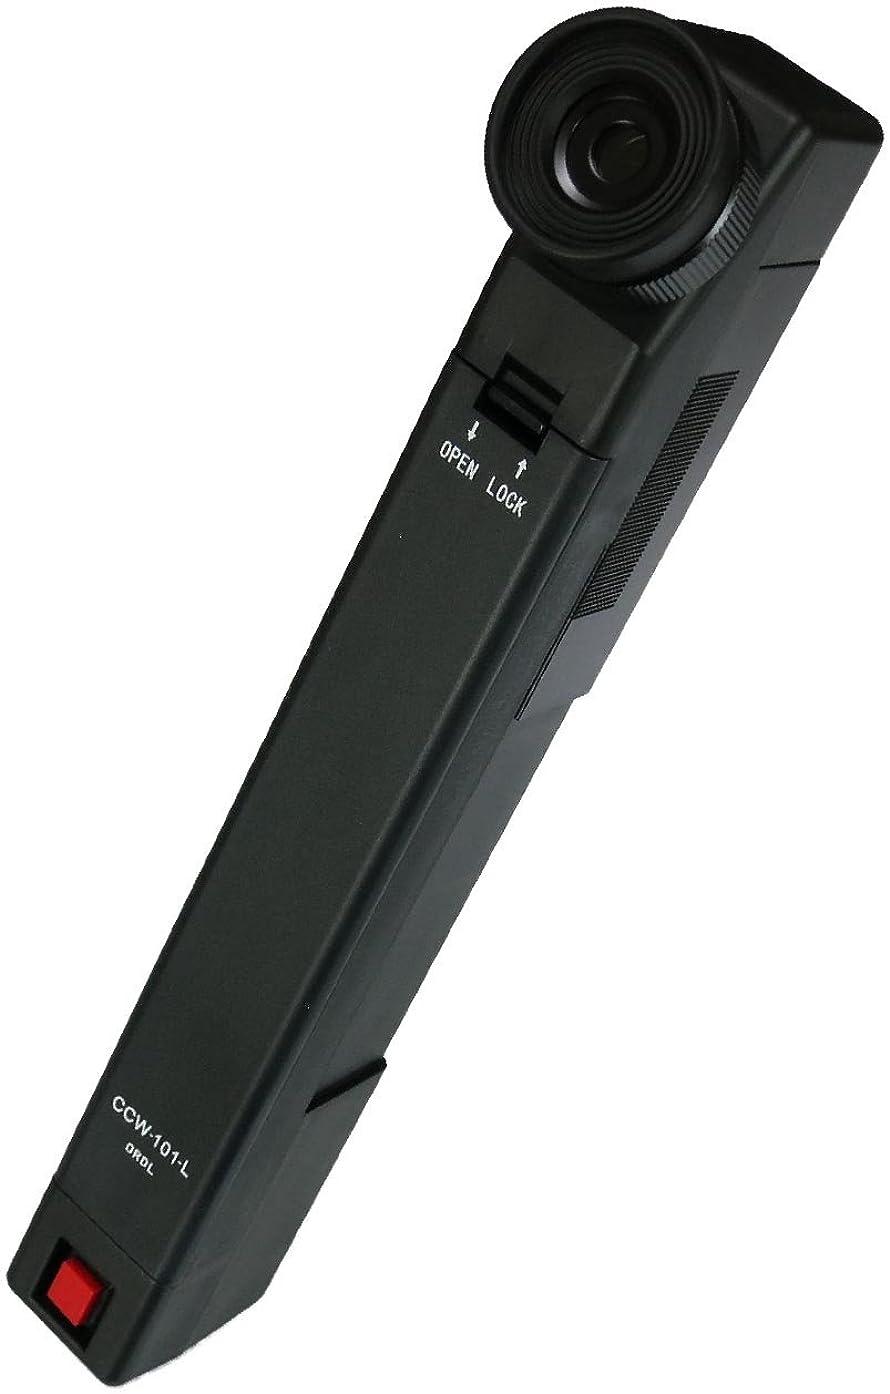 世紀等しい大惨事大野技術研究所 クリーンチェッカー LEDタイプ CCW-101-L